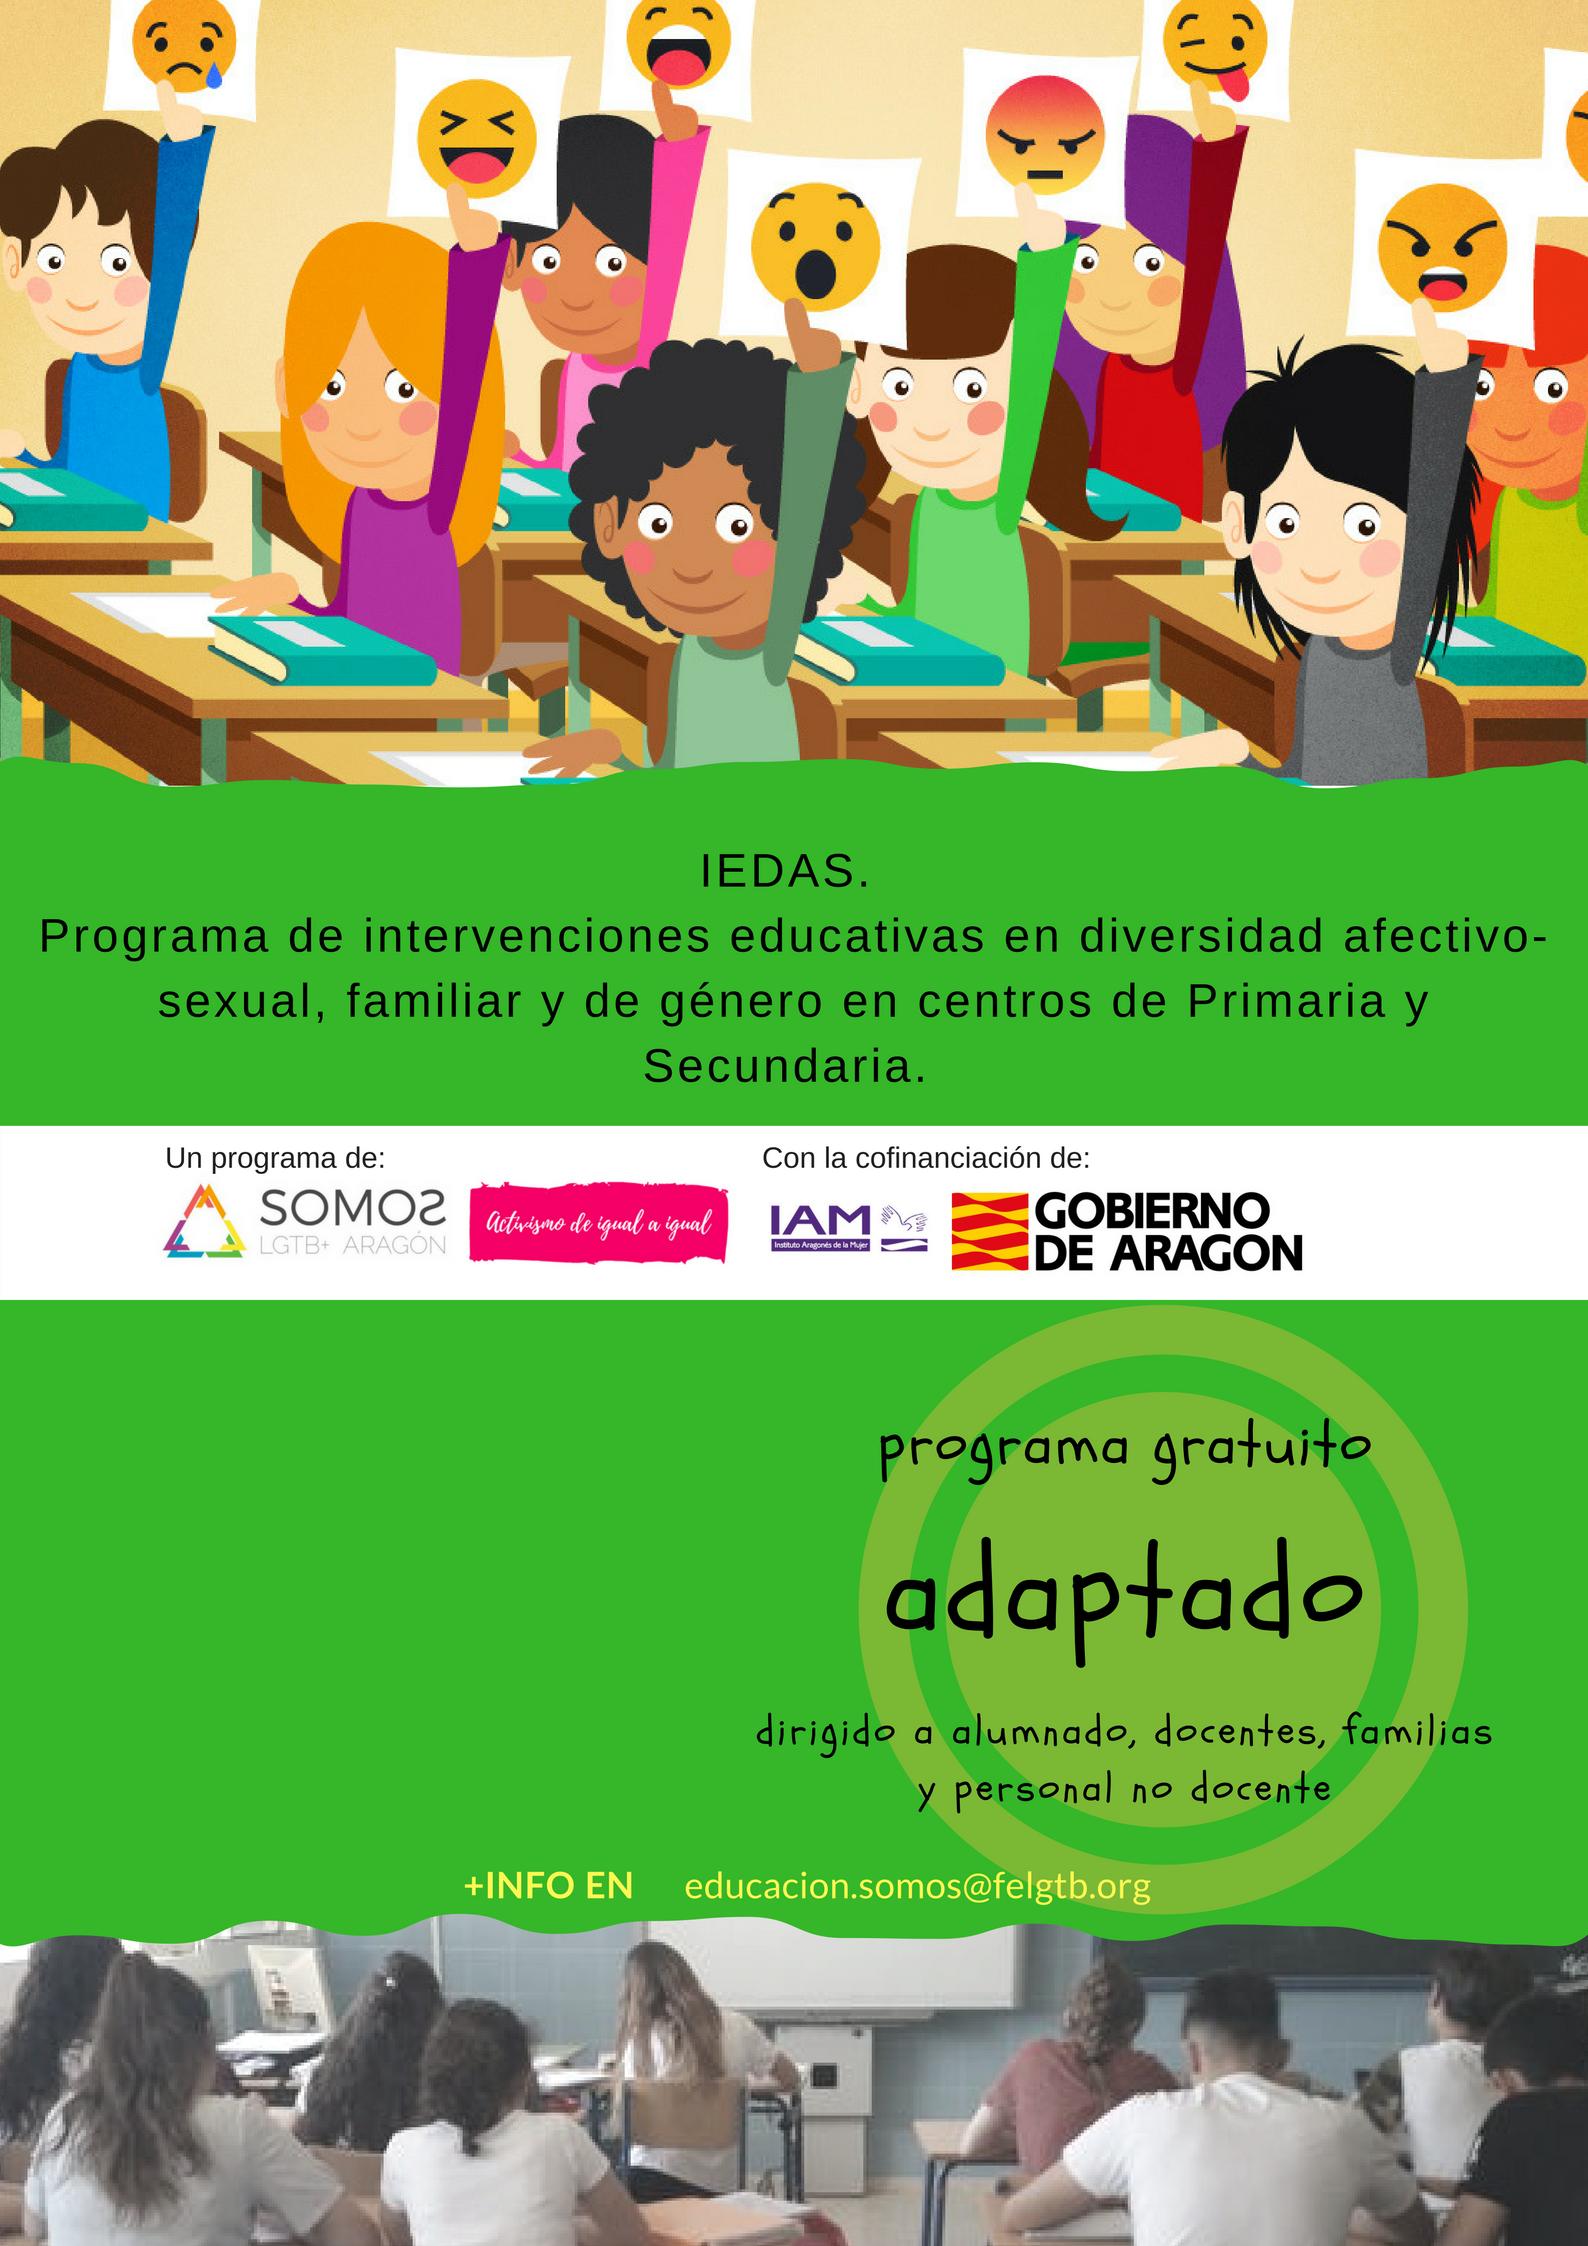 20180901 IEDAS DIFUSIÓN 01.png